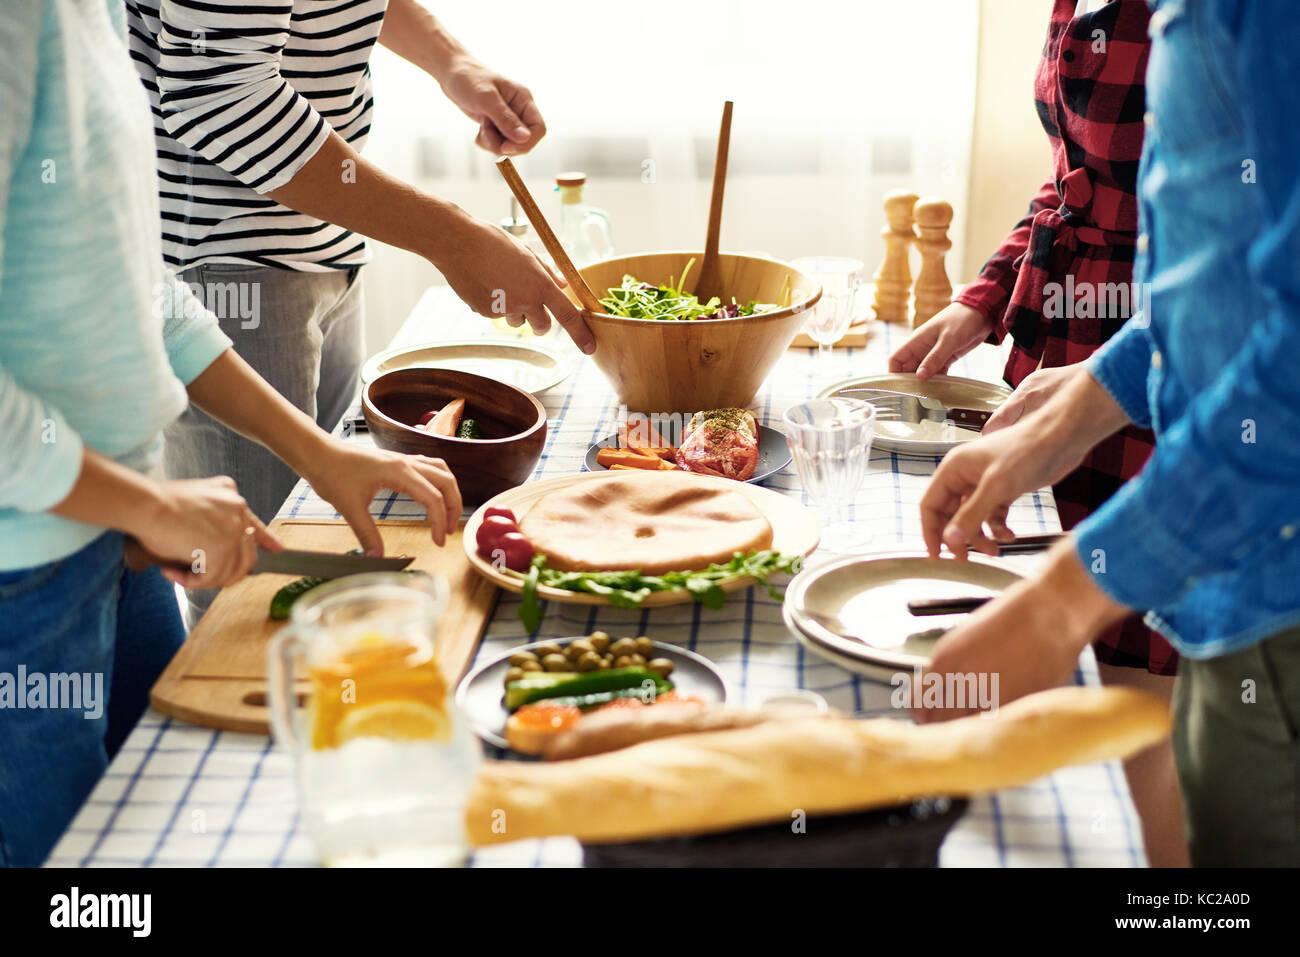 Im mittleren Abschnitt Gruppe junger Menschen die Vorbereitung Abendessen für festliche Feier am großen Stockbild